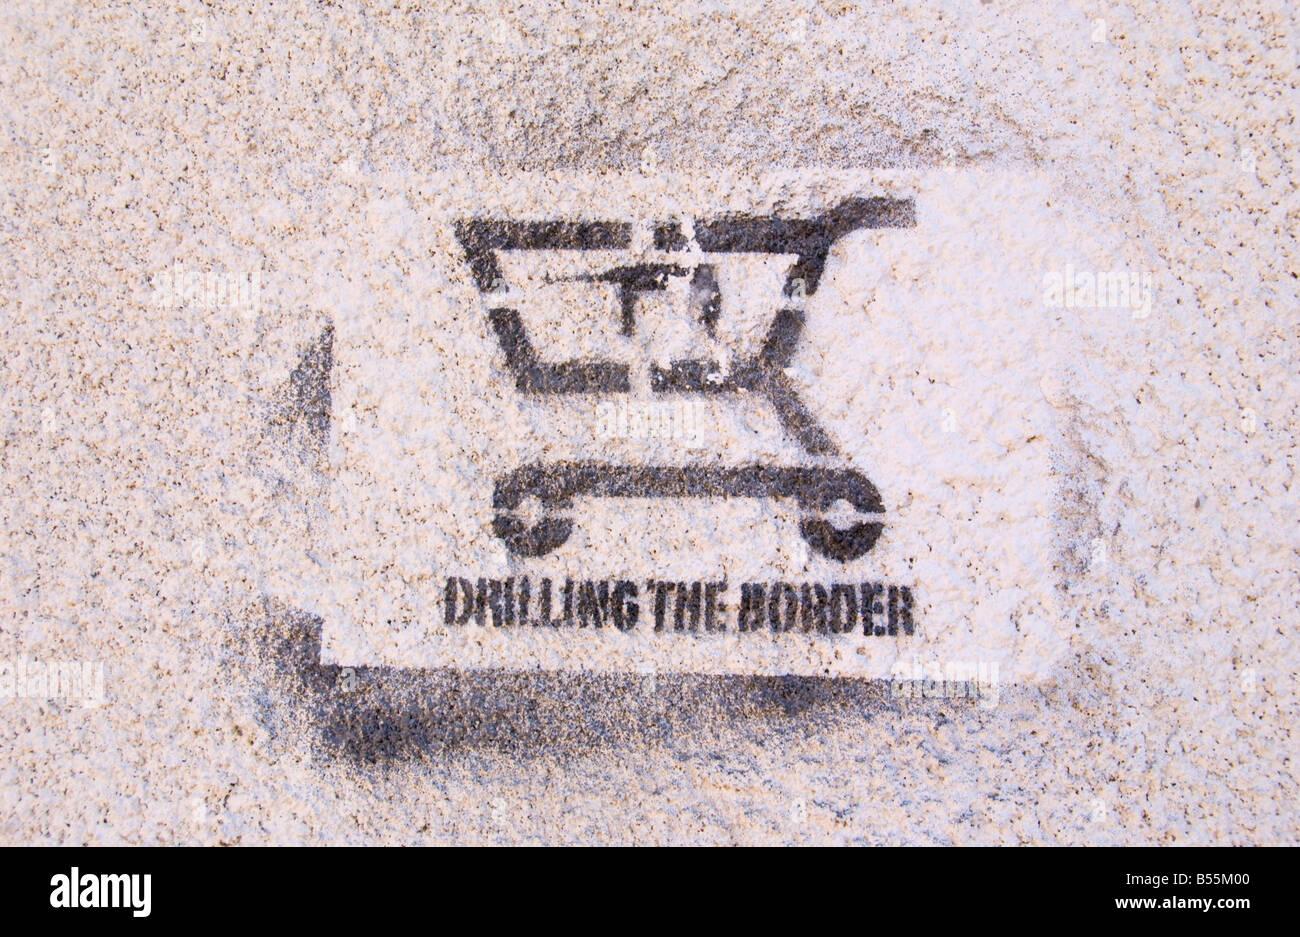 Composite Image Of Stencil Graffiti >> Drilling The Border Stencil Graffiti In Northern Nicosia Turkish